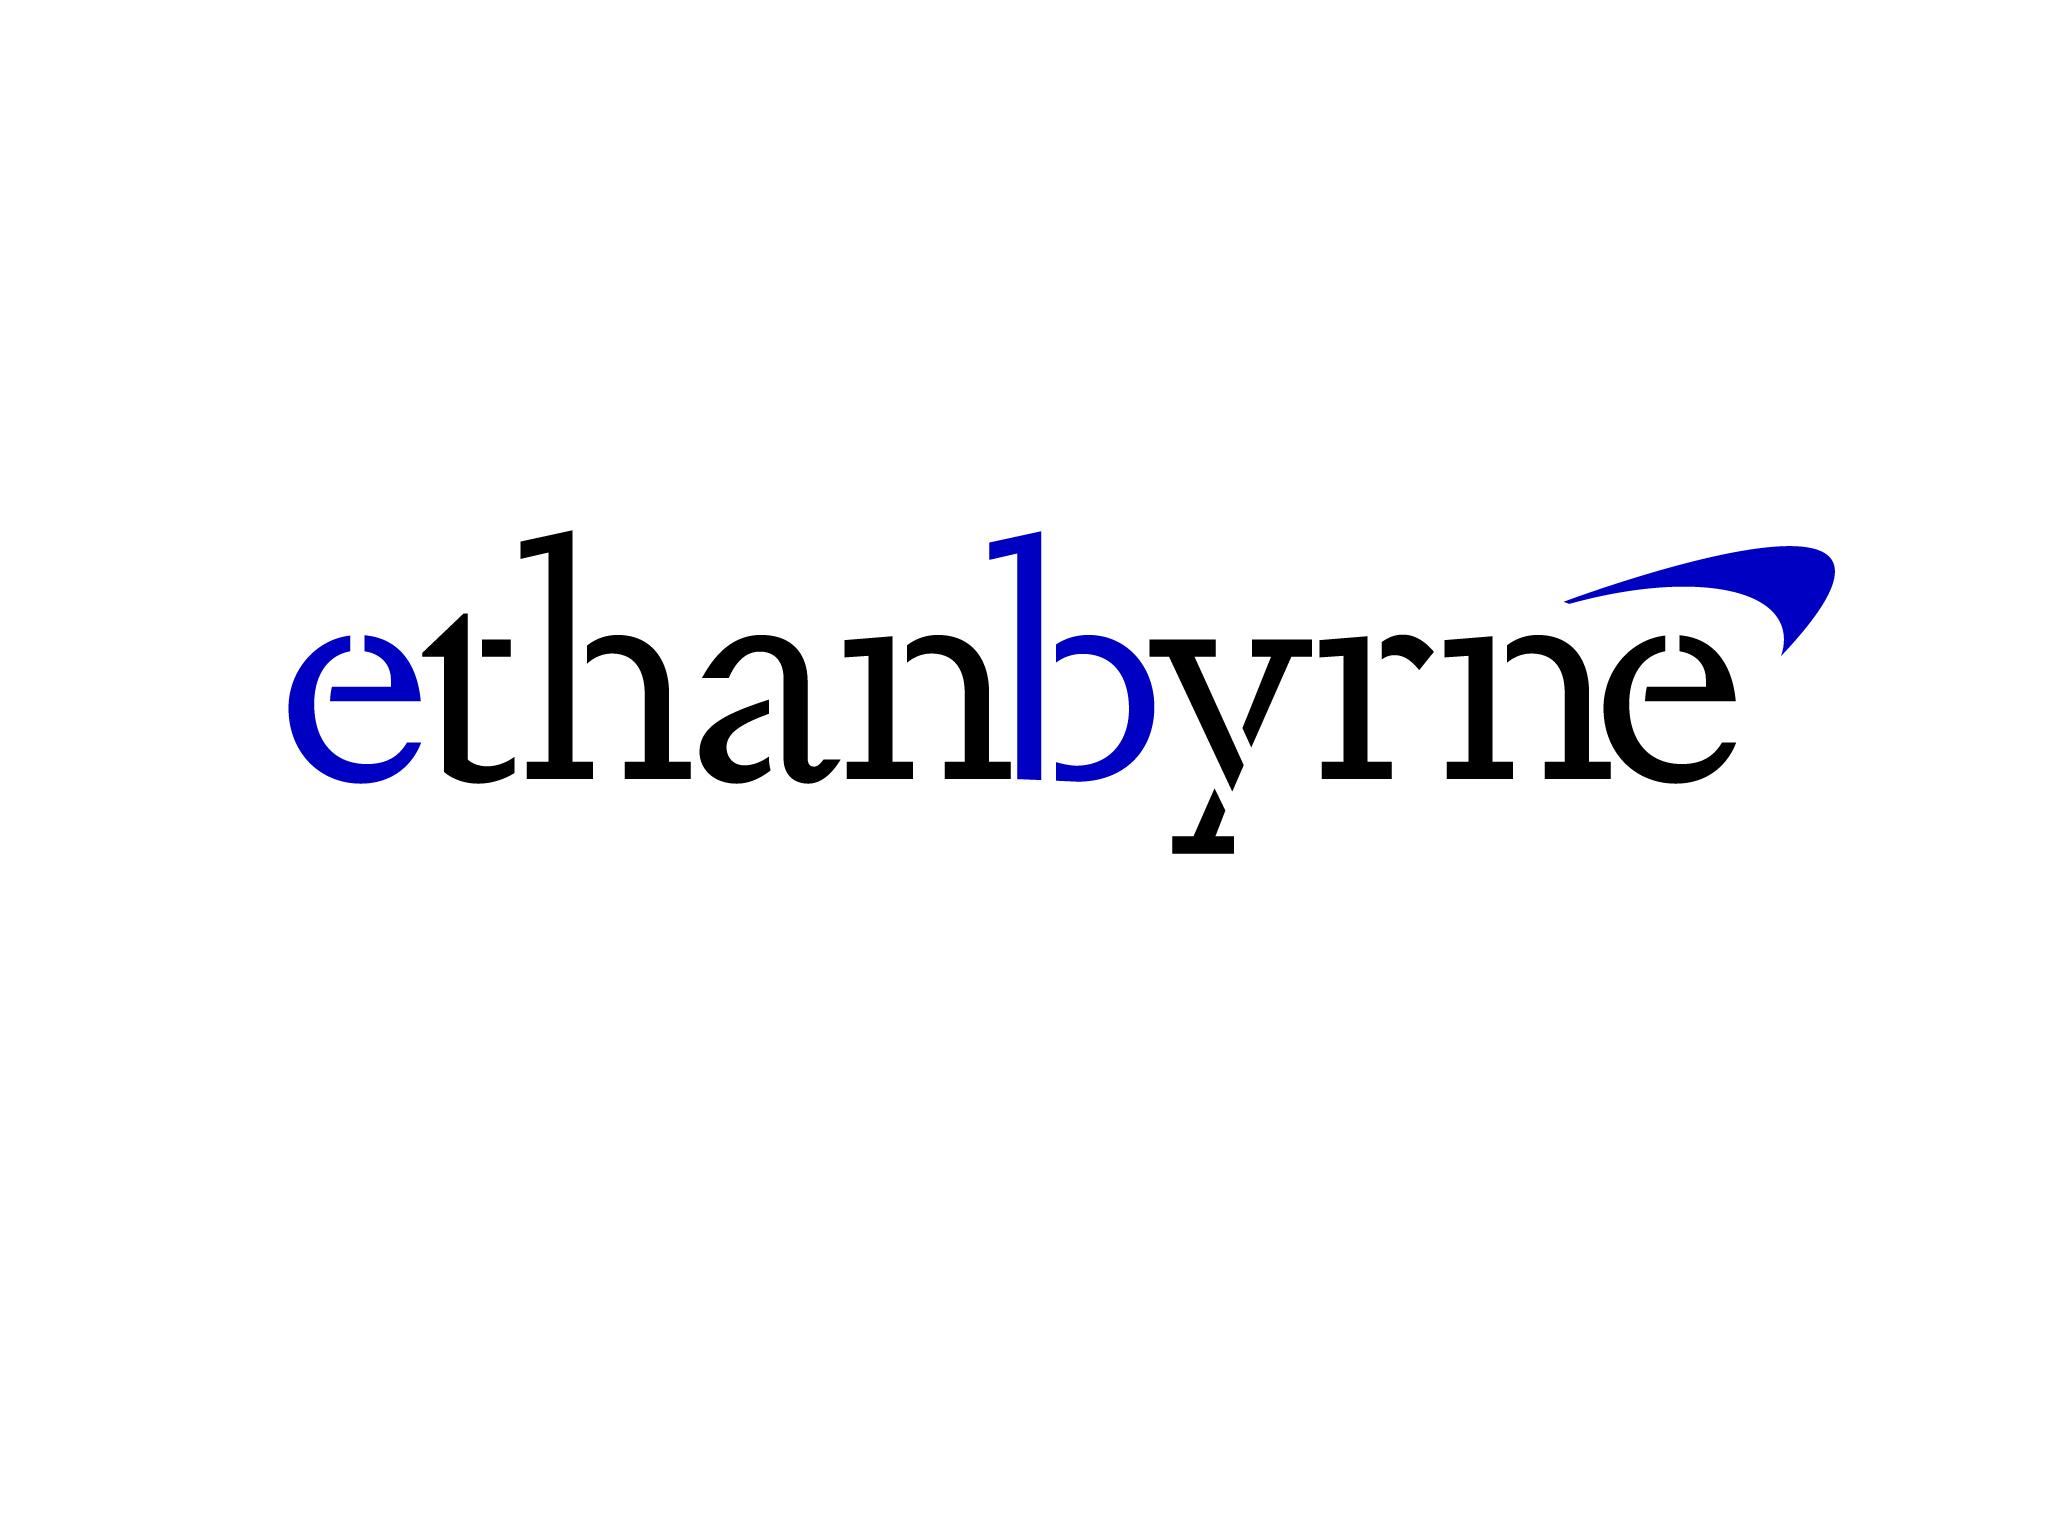 ethanbyrne.png